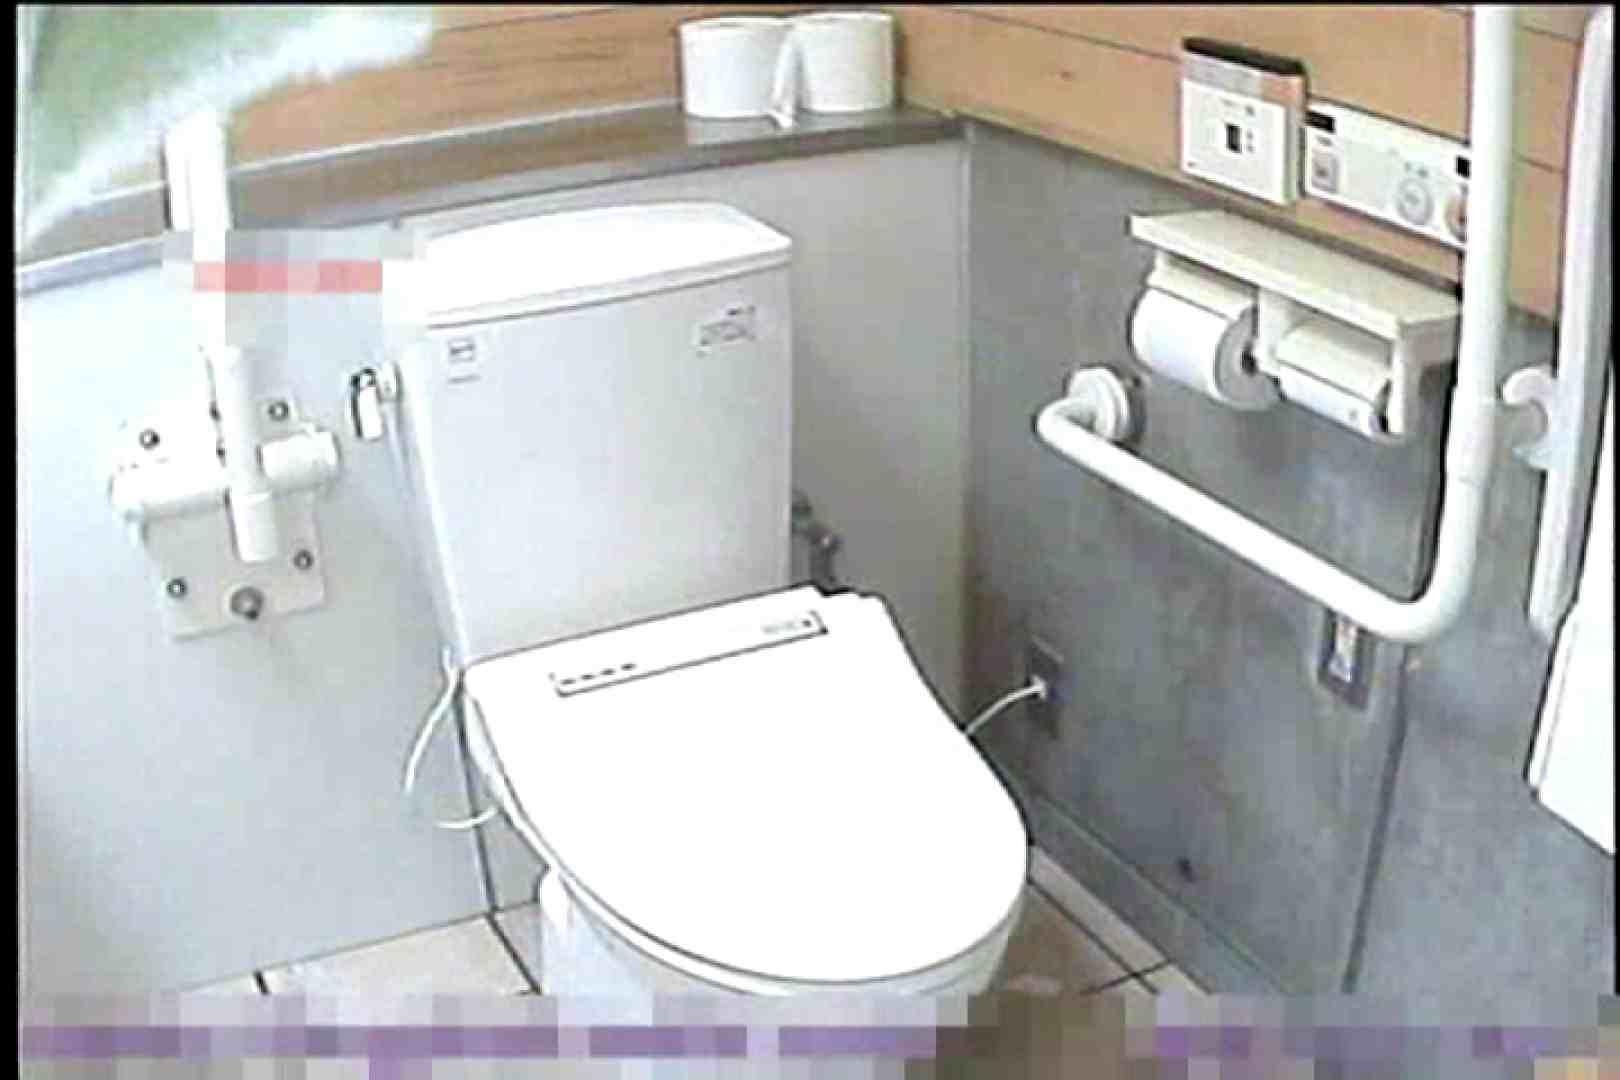 2点盗撮洗面所潜入レポートVol.7 洋式固定カメラ編 0 | 0  101画像 96